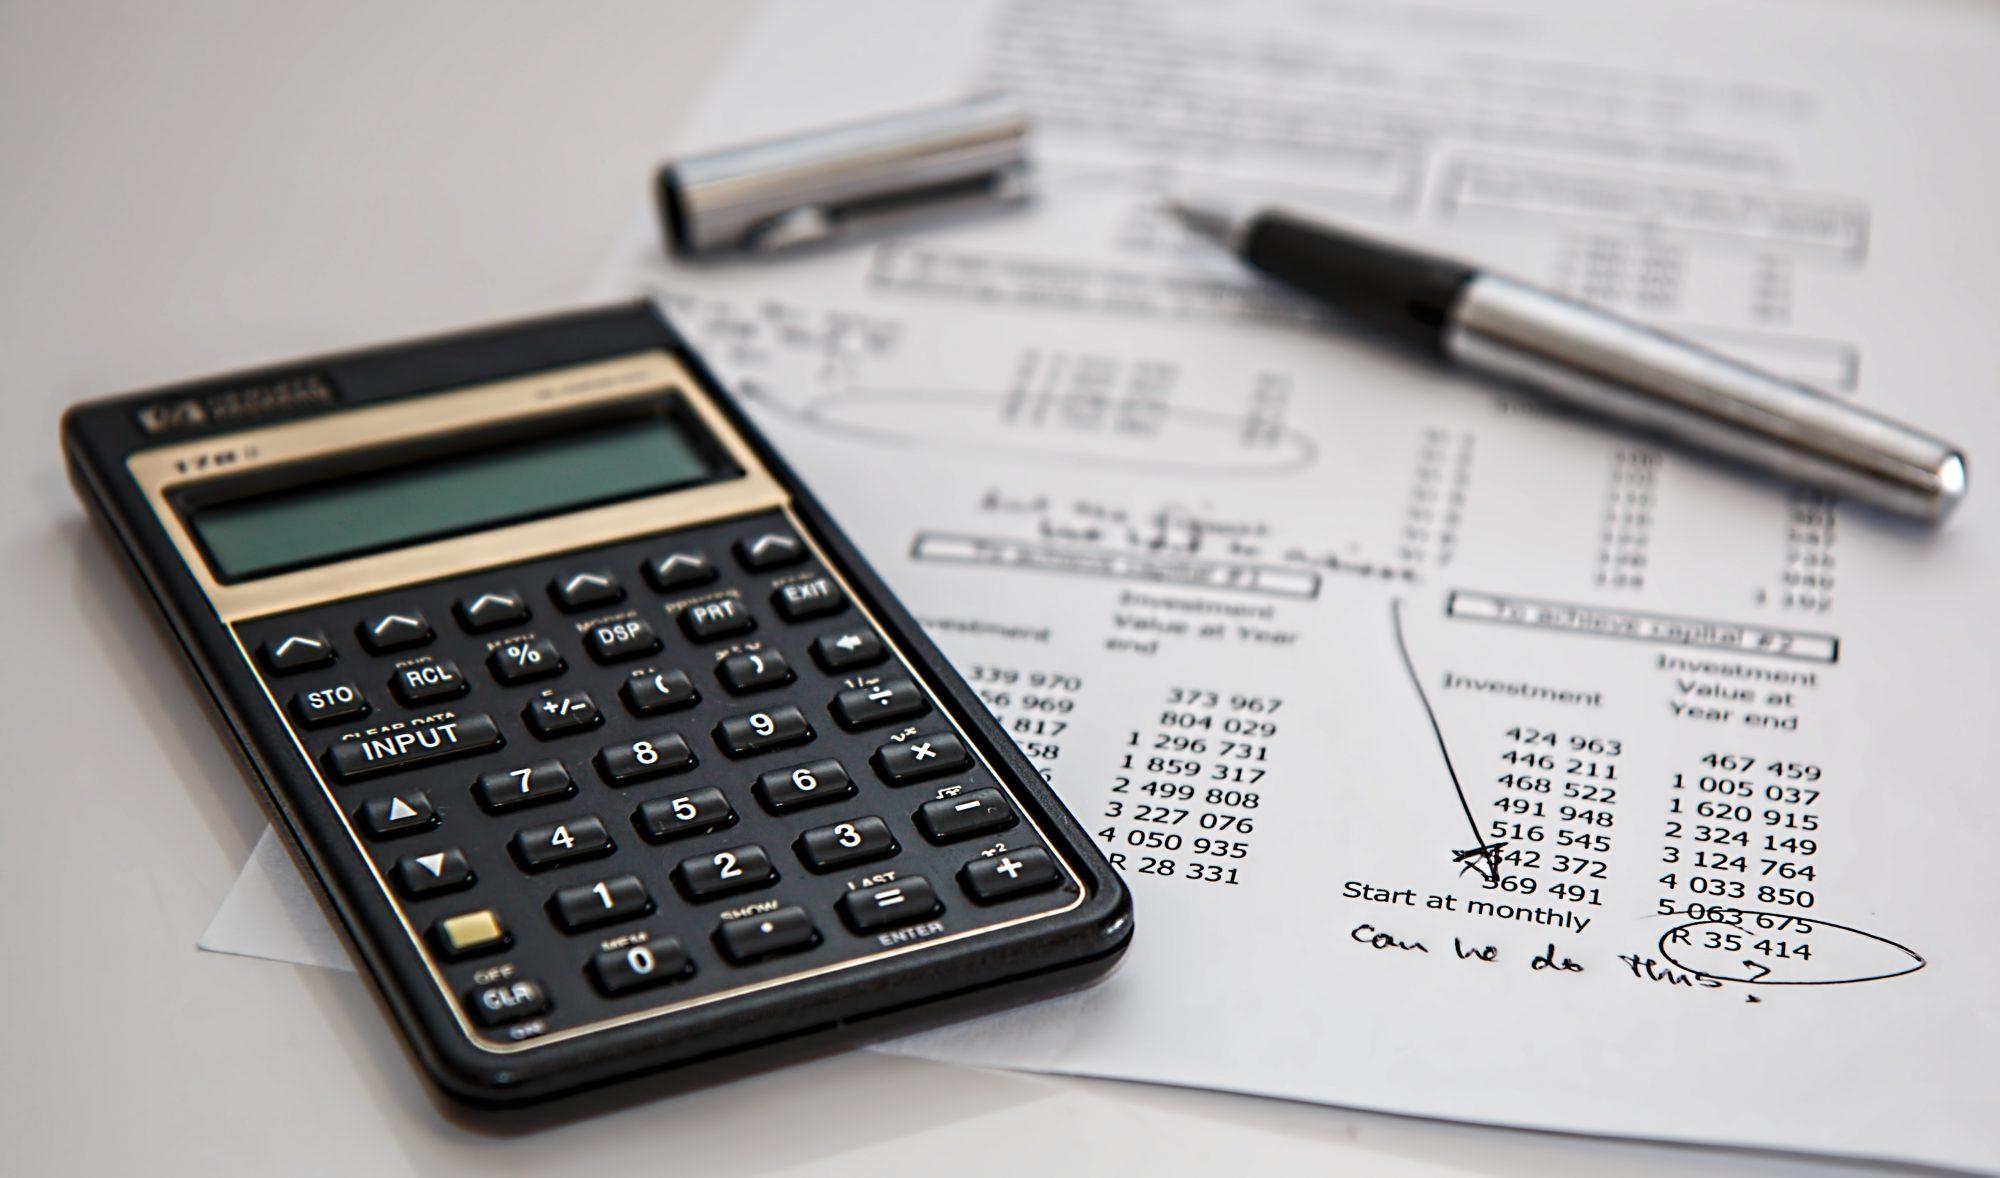 Come valutare un modello finanziario?